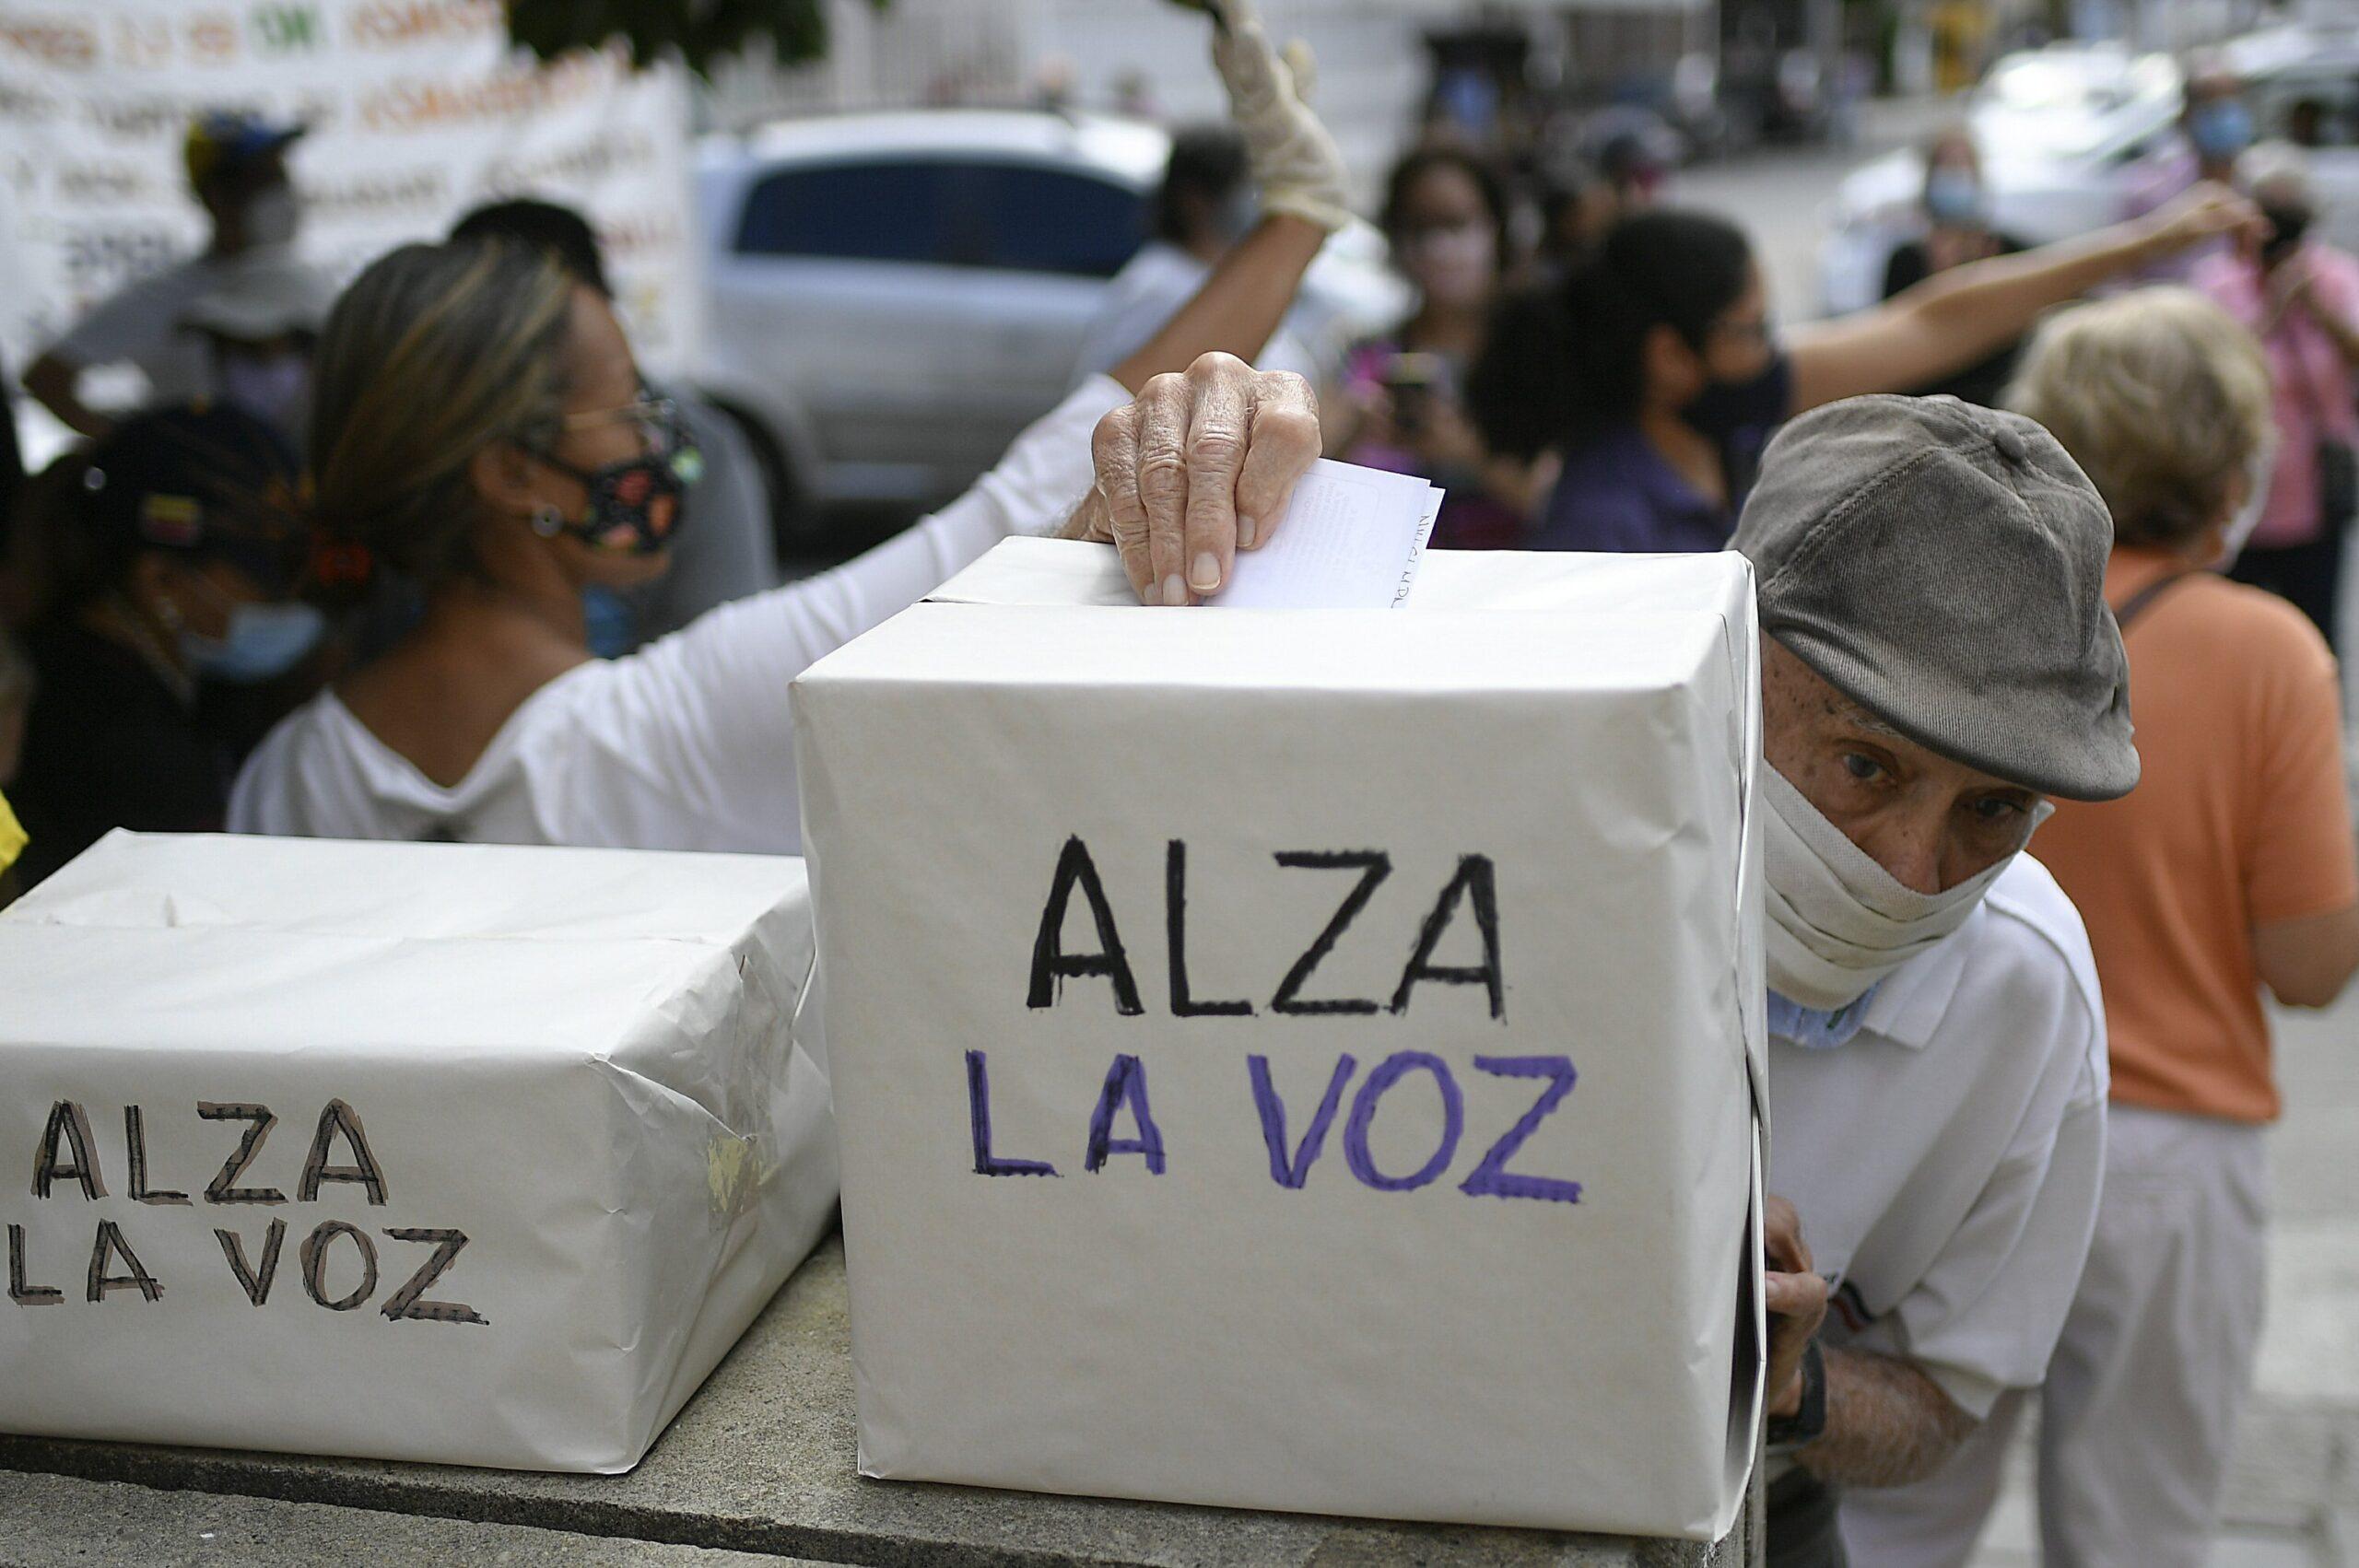 Maduro opponents claim big turnout in Venezuelan protest